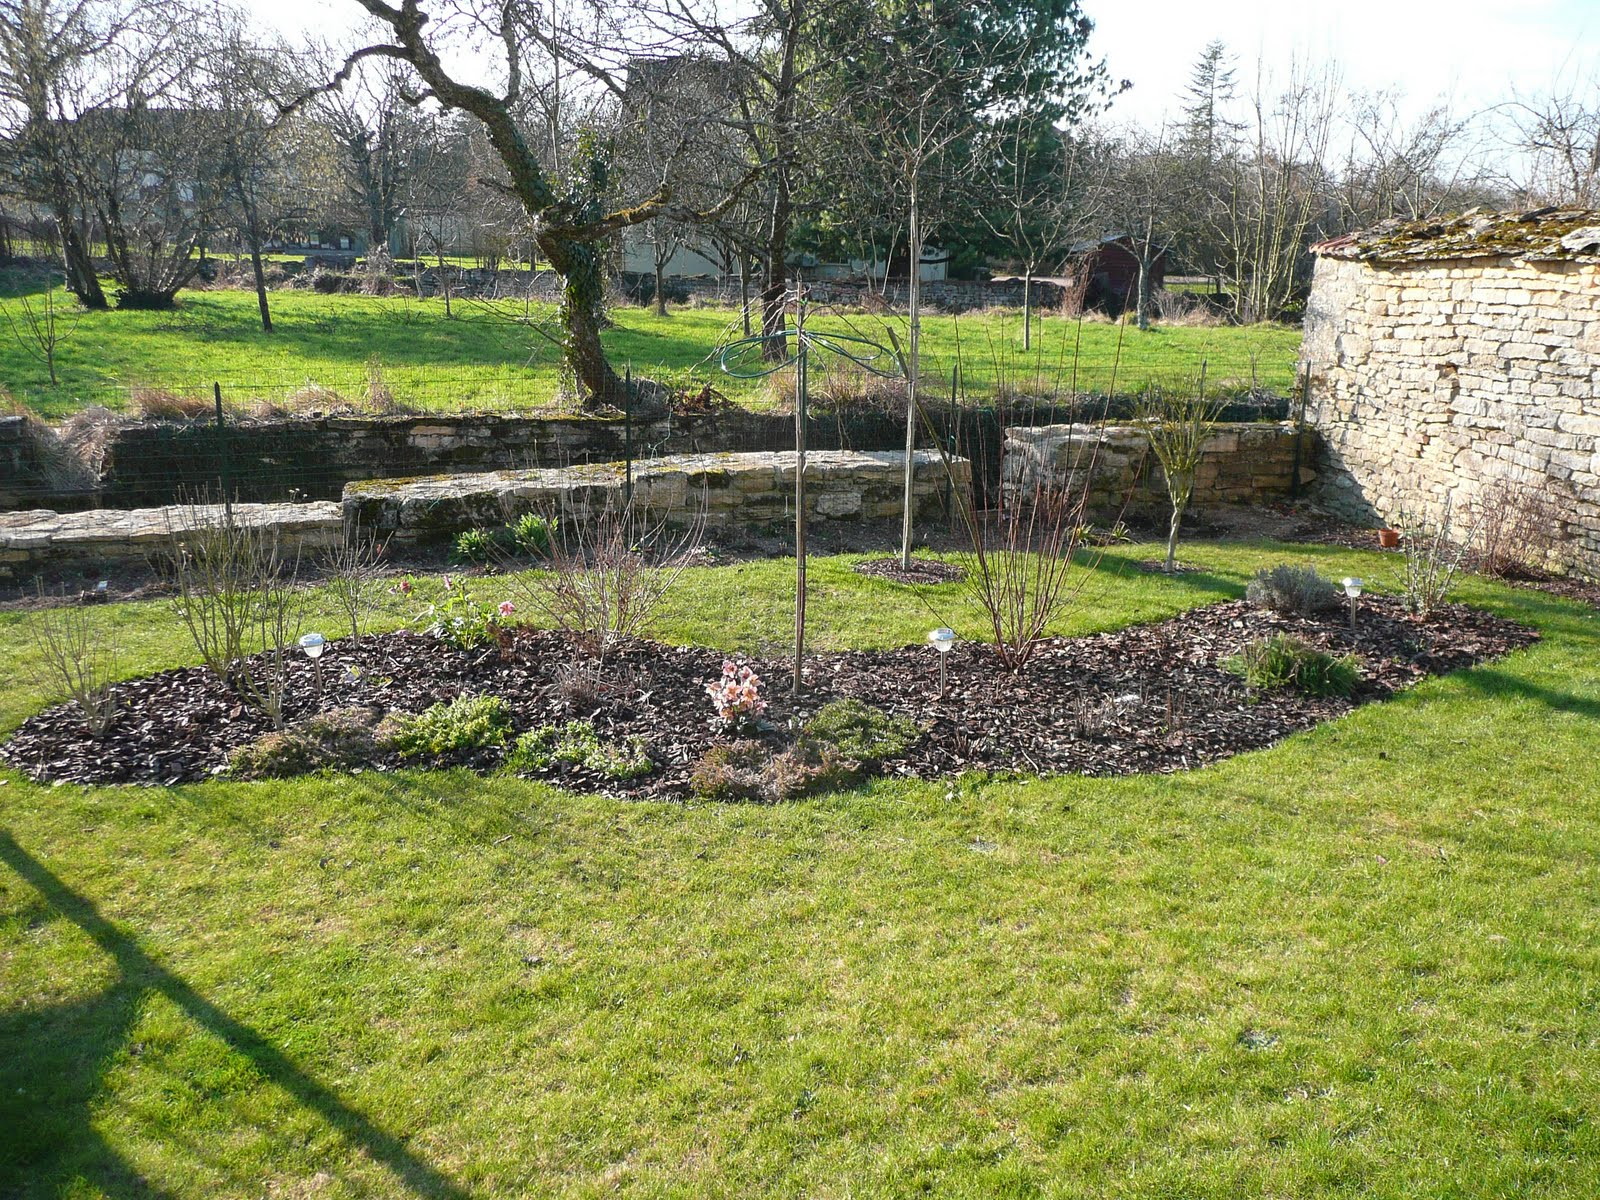 Notre jardin secret visite du jardin apr s nettoyage for Nettoyage jardin 78